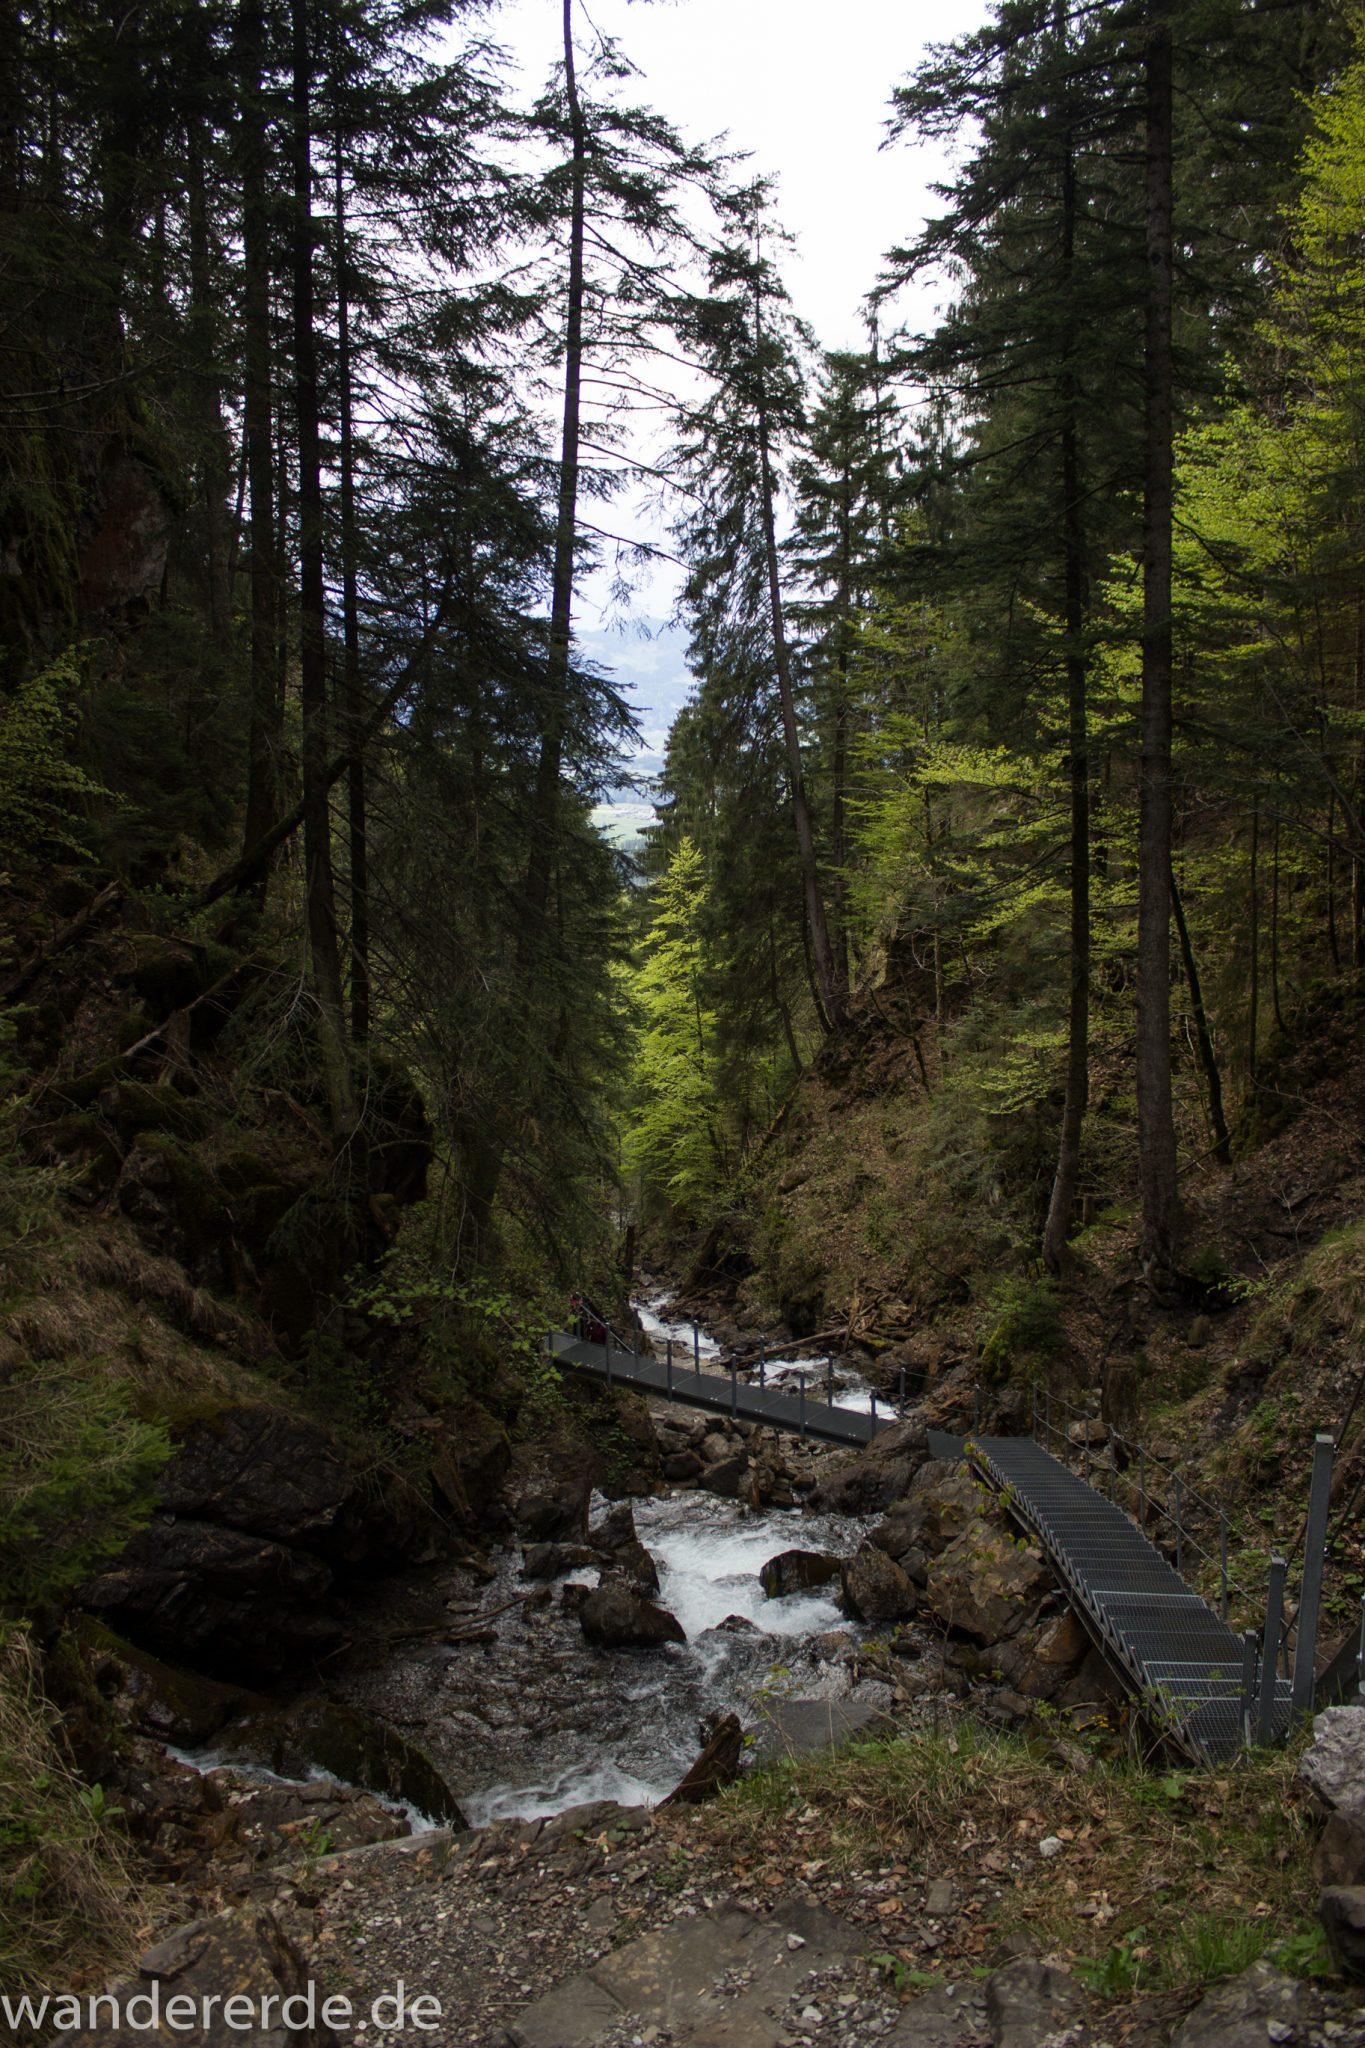 Wanderung Unterer Gaisalpsee, über Tobelweg zurück nach Oberstdorf, schmaler Kiespfad beim Tobelweg, über Brücken und Treppen, teils steil und felsig abwärts, umgeben von schönem dichtem Mischwald, abwechselungsreicher sehr toller Wanderweg